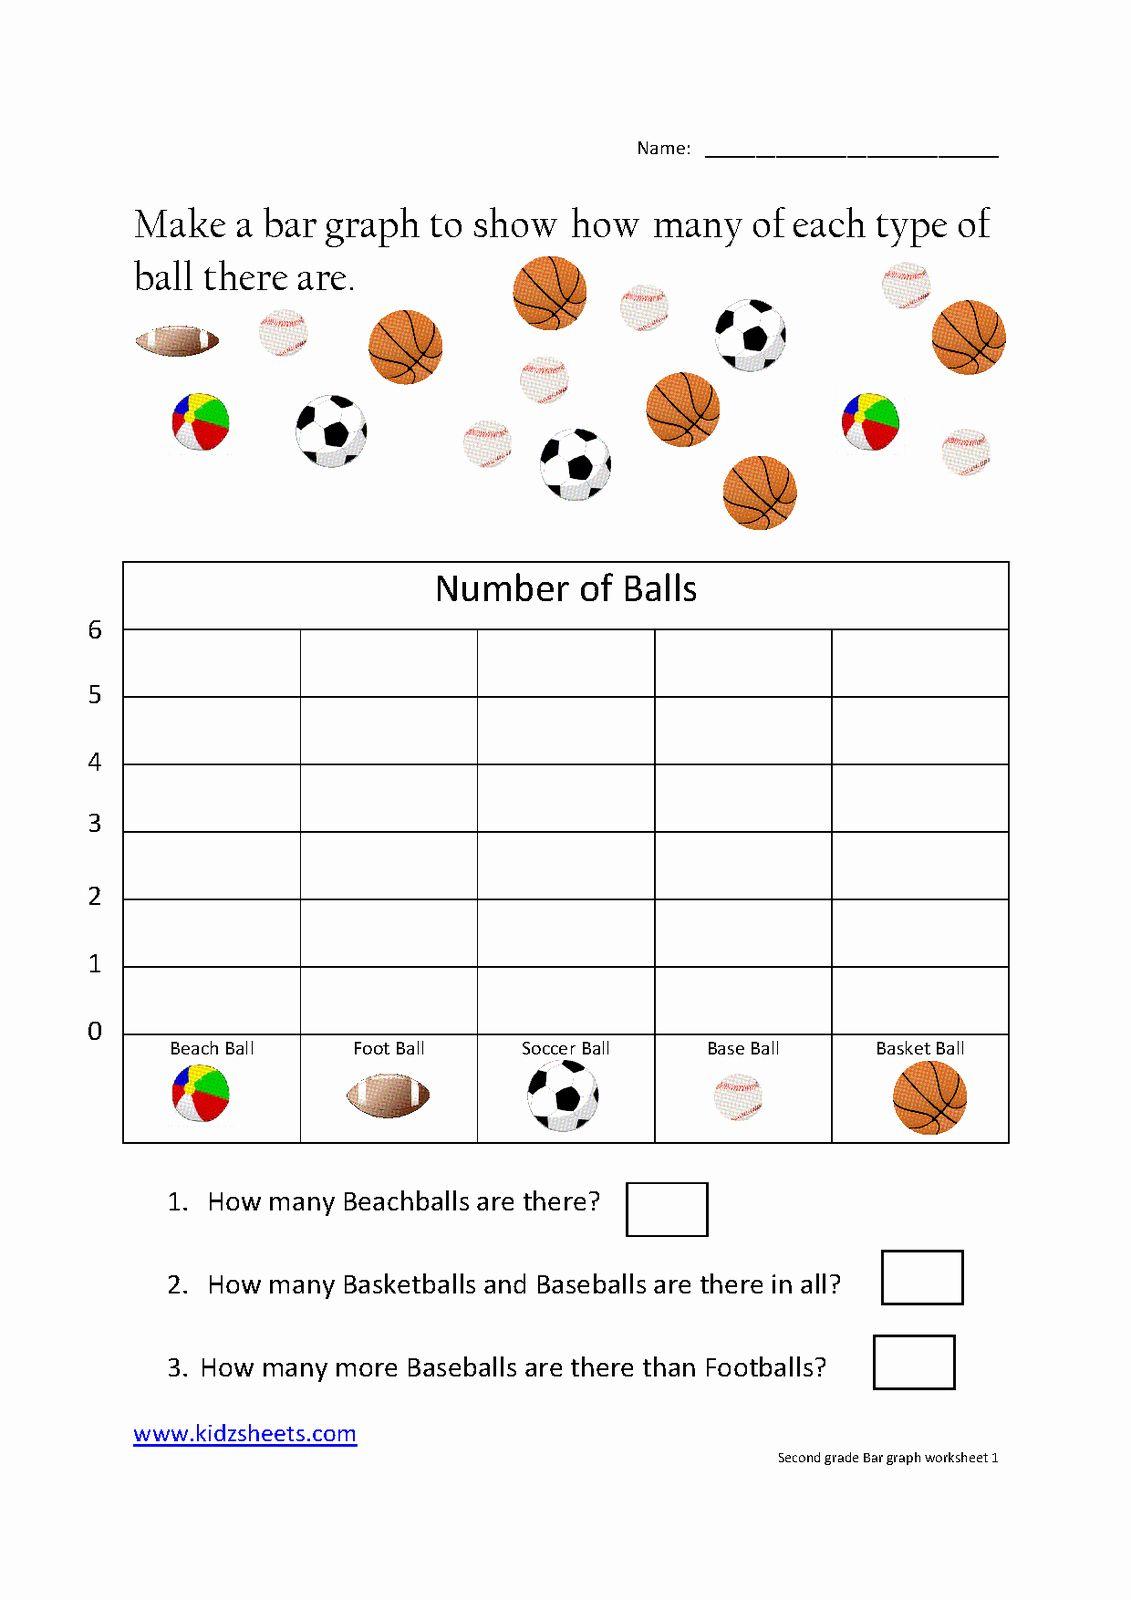 Free Bar Graph Worksheets Unique Kidz Worksheets Second Grade Bar Graph Worksheet1 In 2020 Graphing Worksheets Graphing First Grade Picture Graph Worksheets